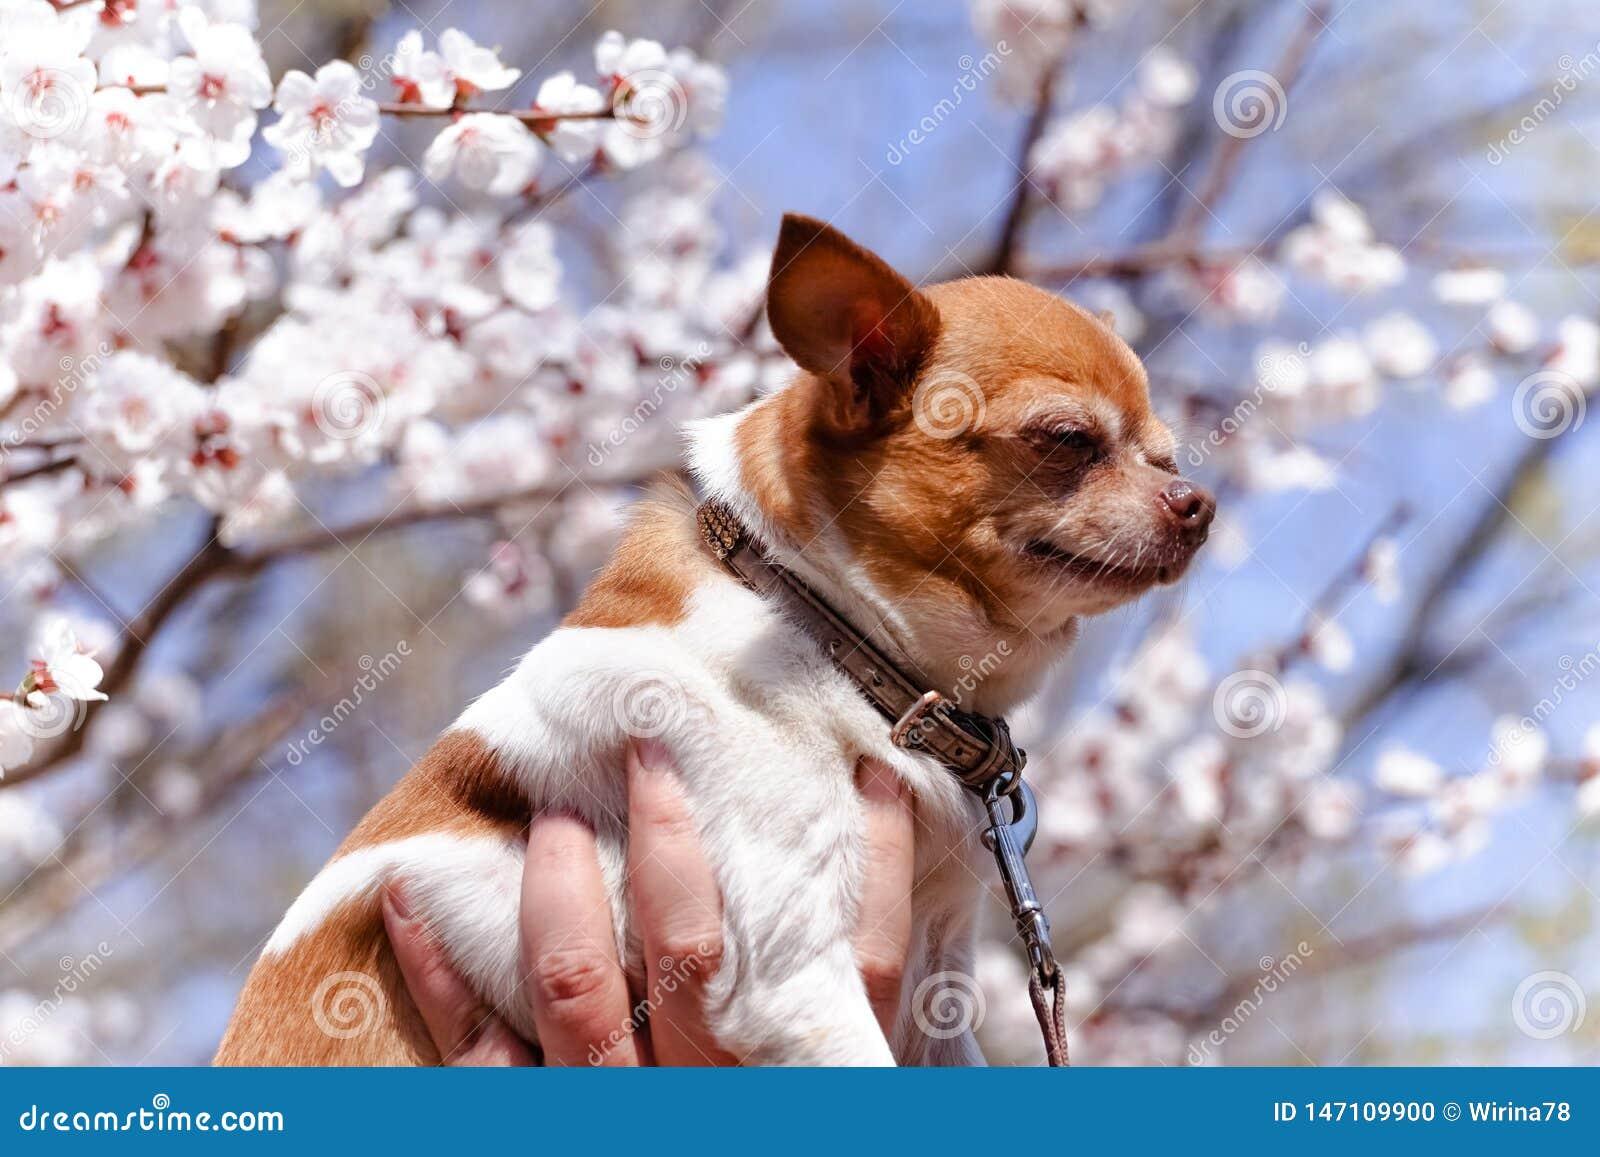 Chihuahua rodeada por Sakura floreciente Peque?o perro adorable en fondo de la flor